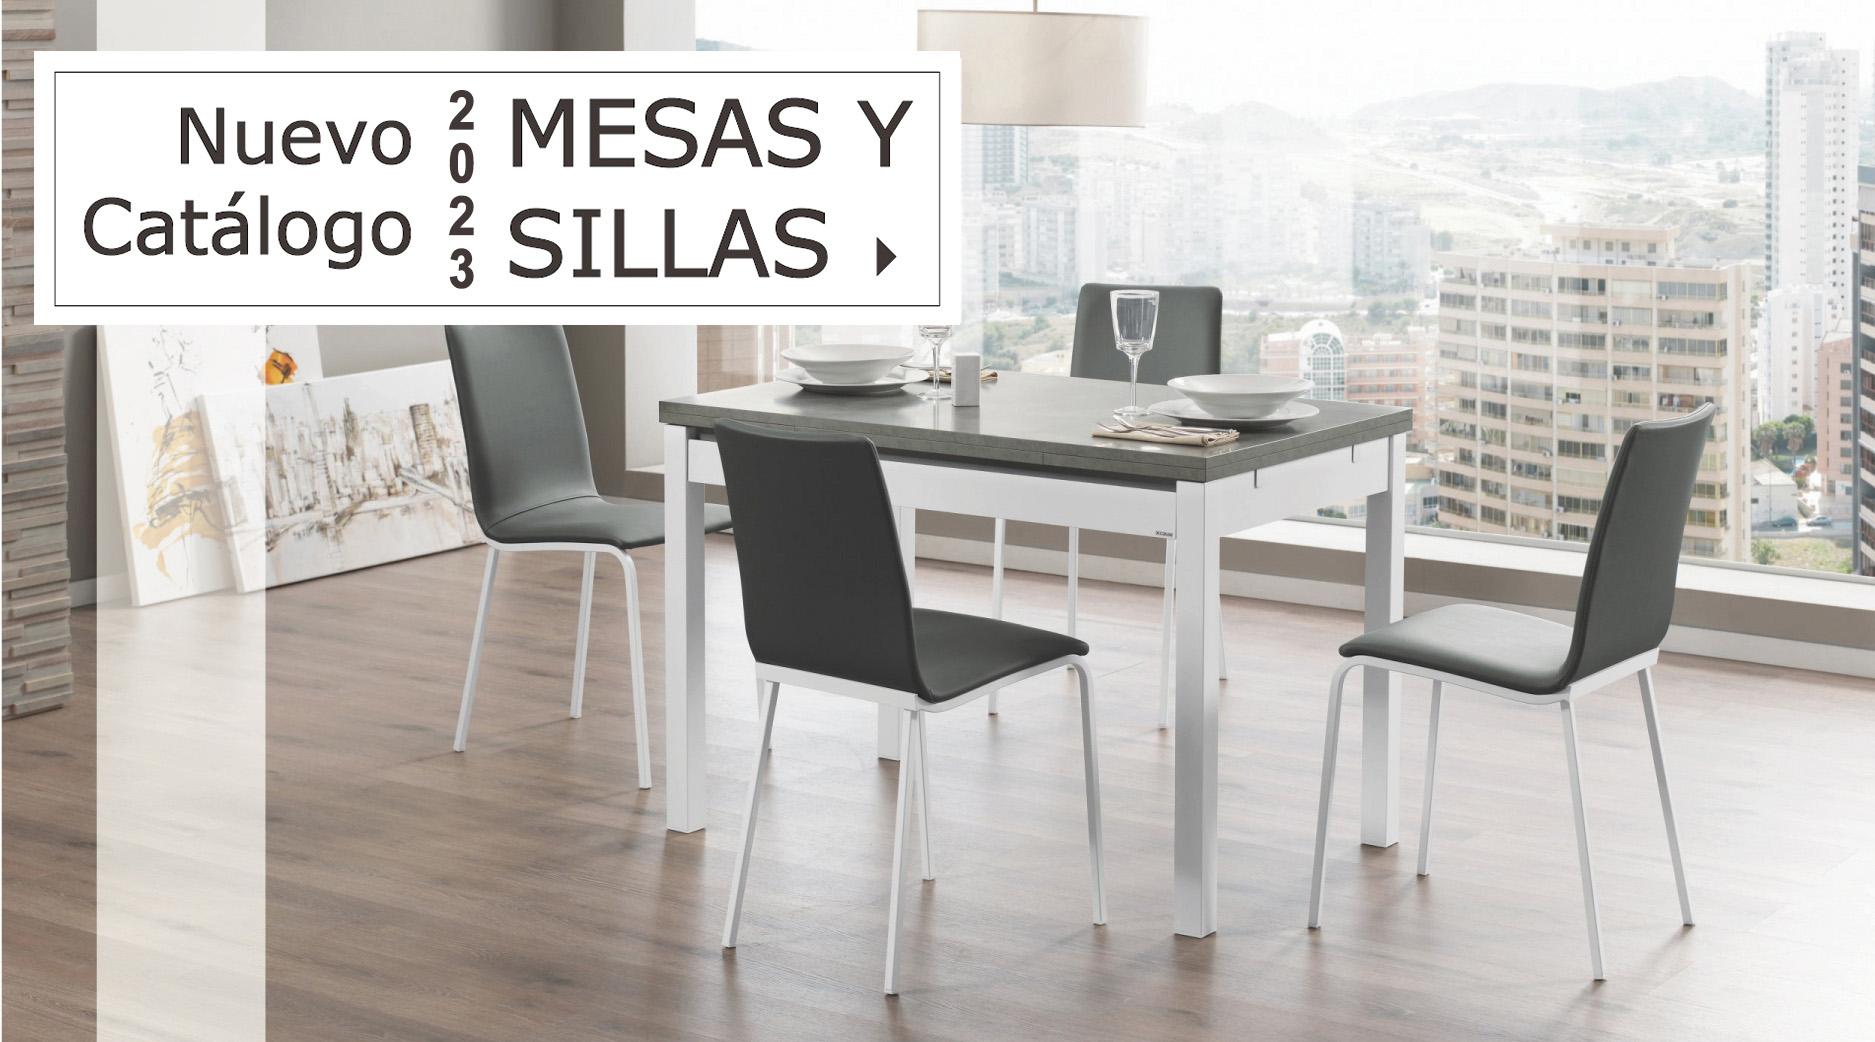 MÜM - Muebles de Cocina, Armarios, Carpintería en Cartagena